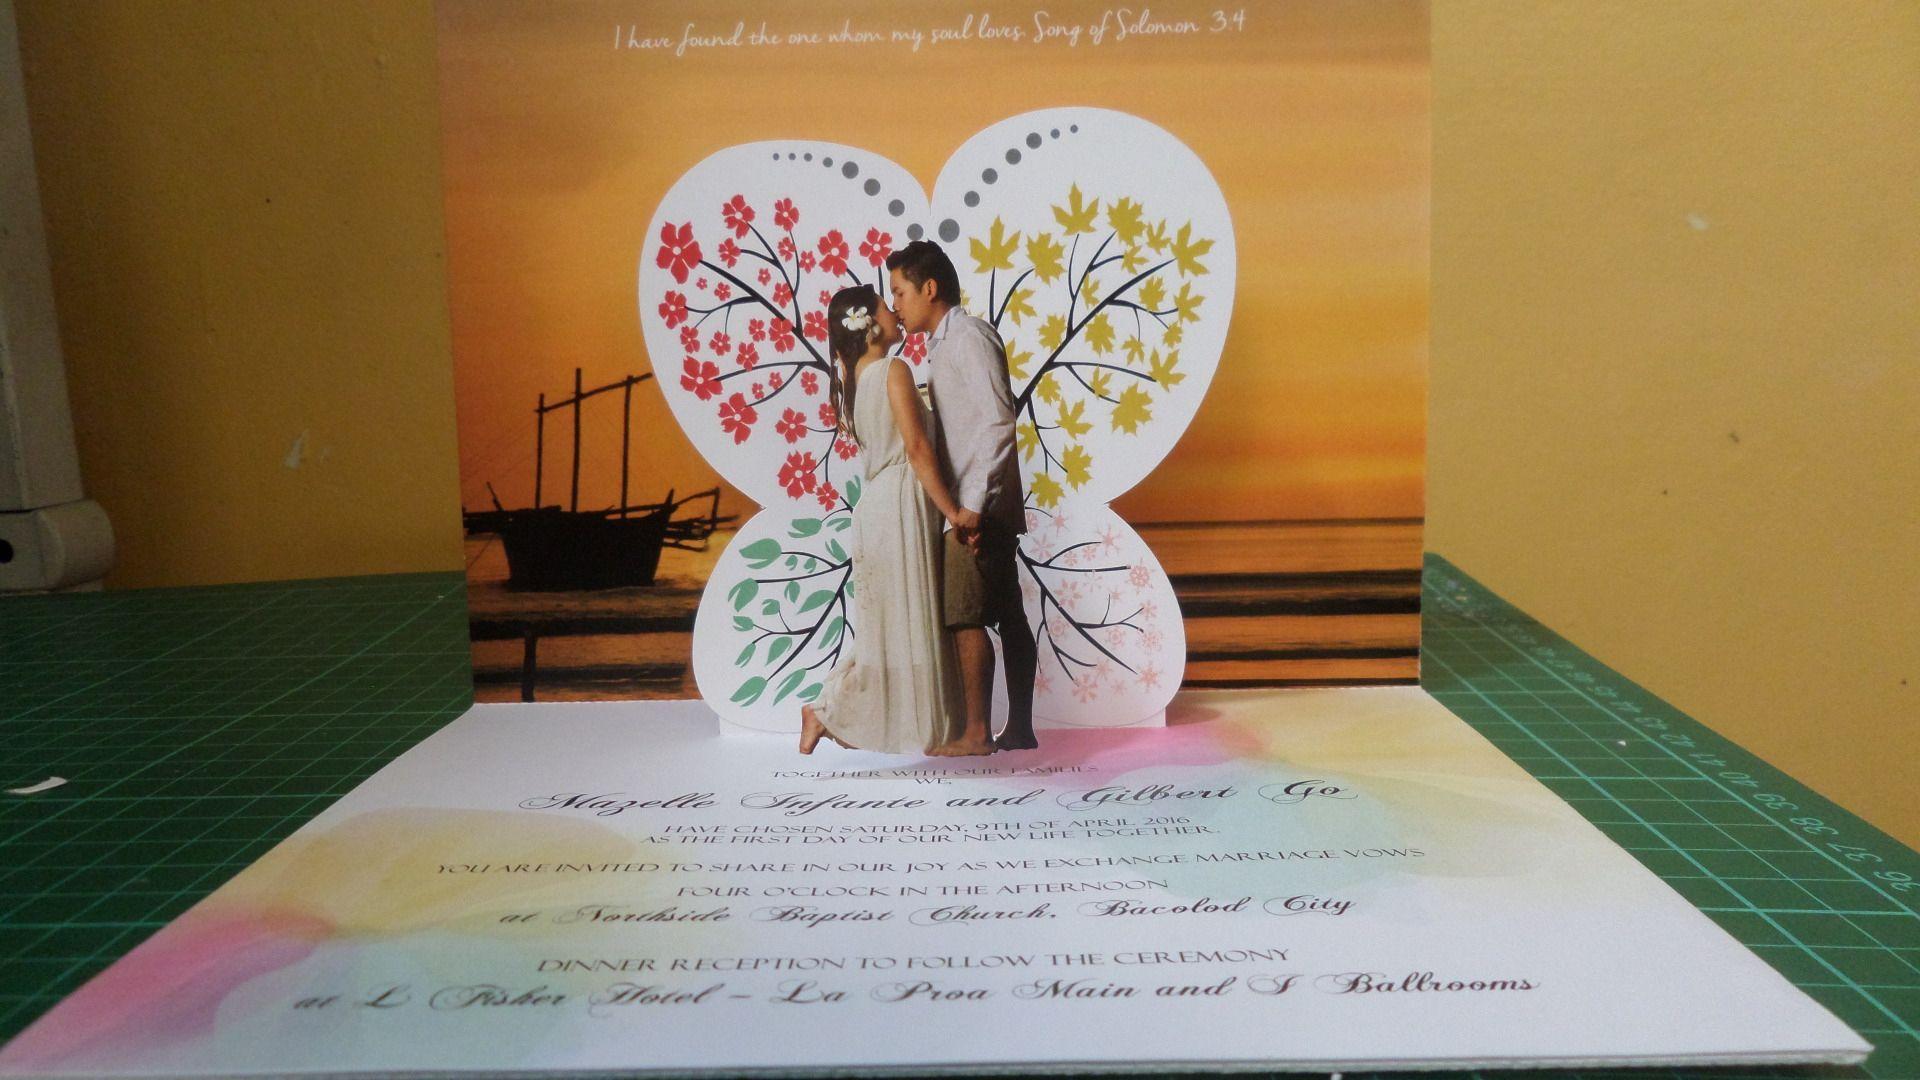 3d Pop Up Wedding Card Wedding Card Pop Up Card Greeting Card No 10 Pop Up Card Templates Wedding Cards Pop Up Cards